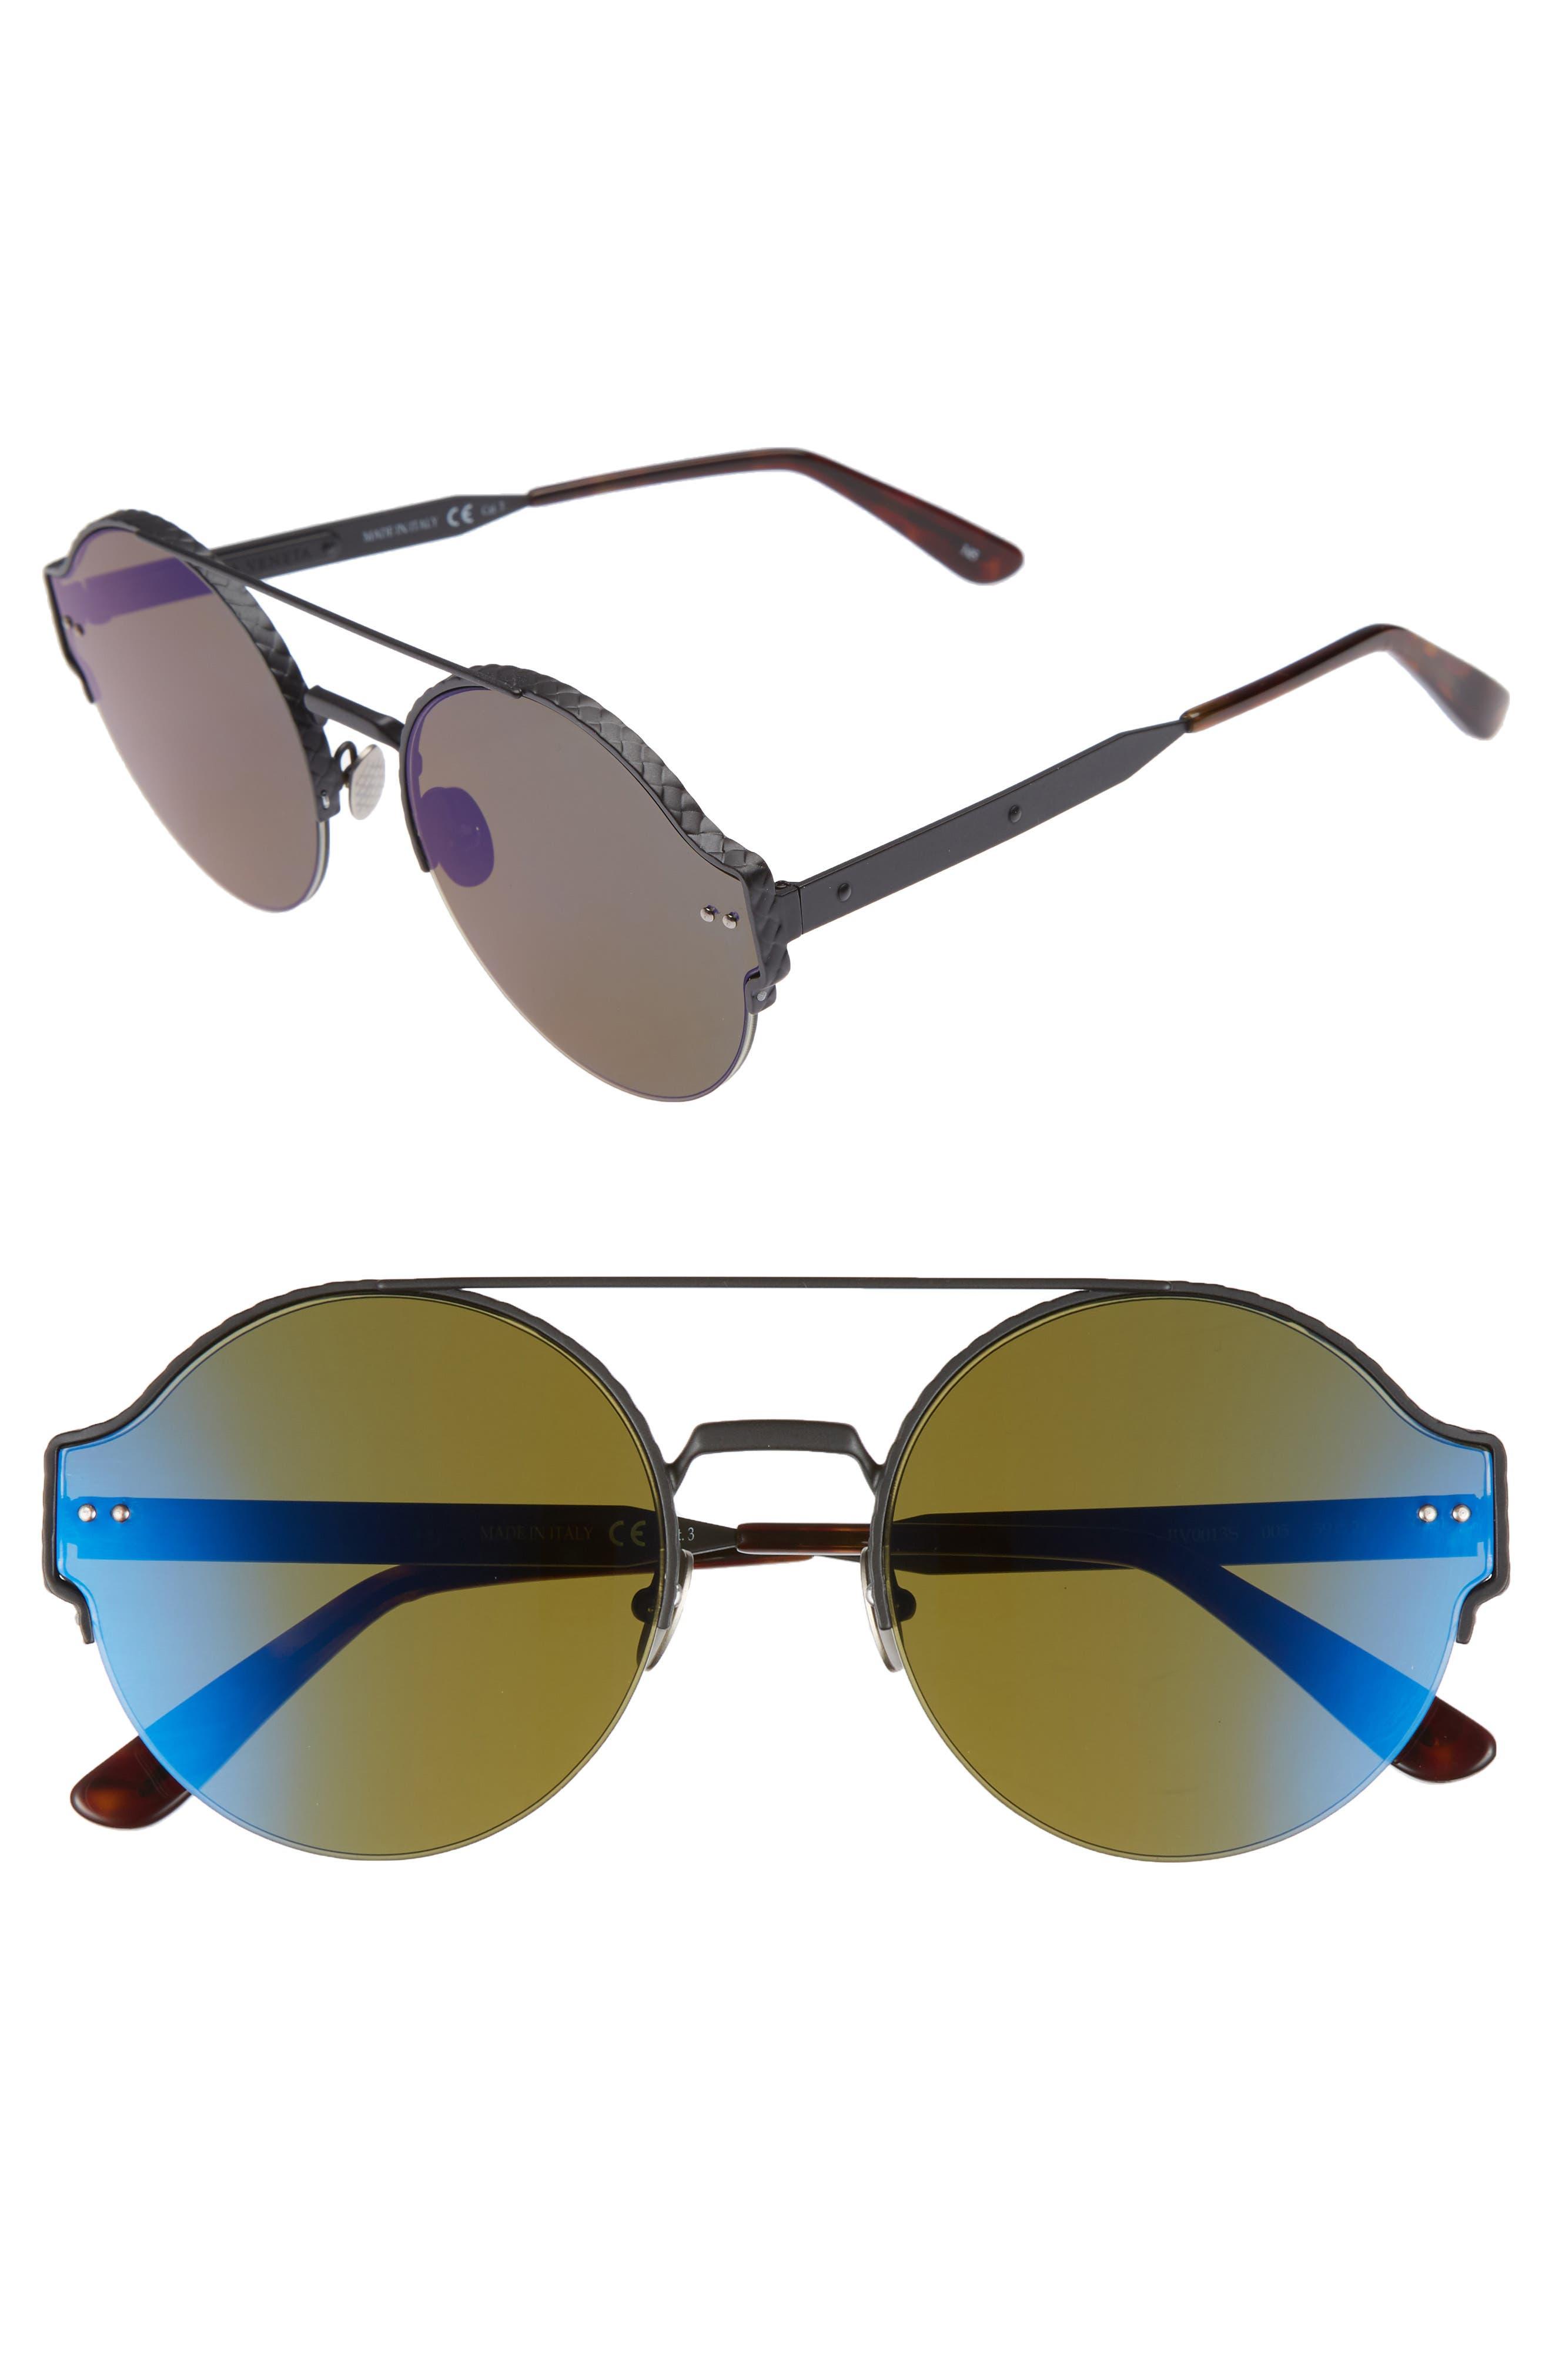 Bottega Veneta 54mm Round Semi-Rimless Sunglasses